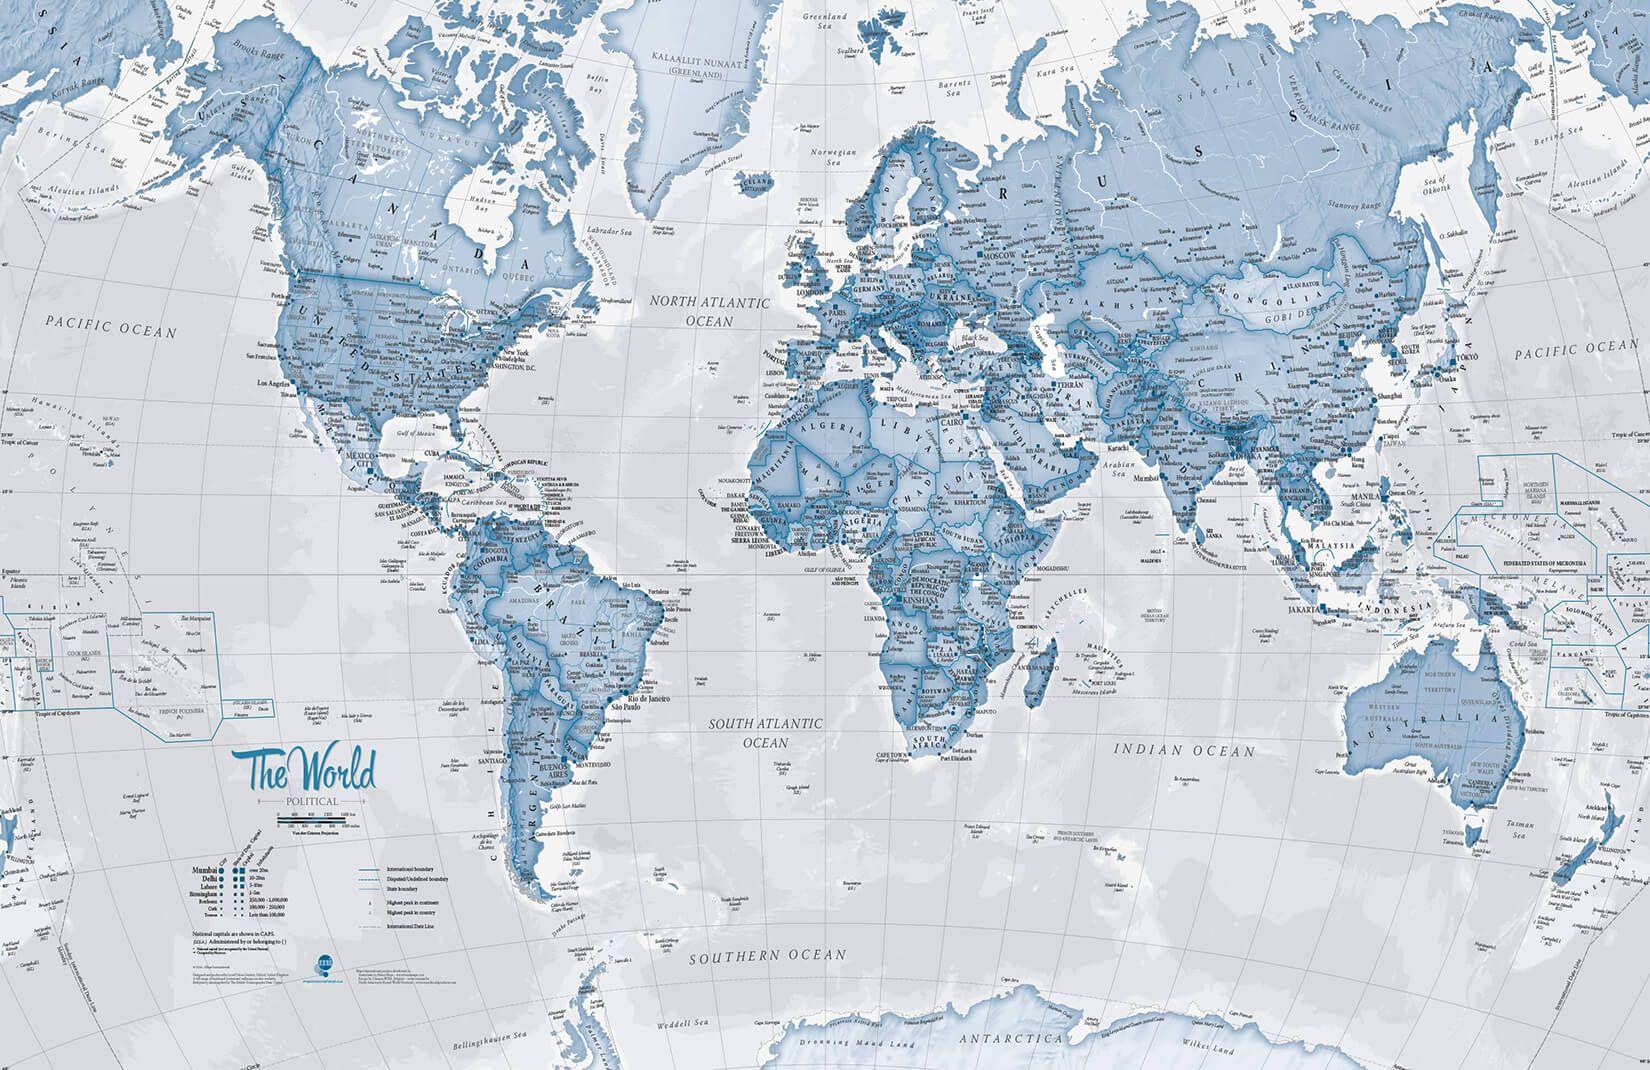 Blue World Atlas Map Wallpaper Mural Murals Wallpaper Map Wall Mural World Map Wallpaper Map Wallpaper